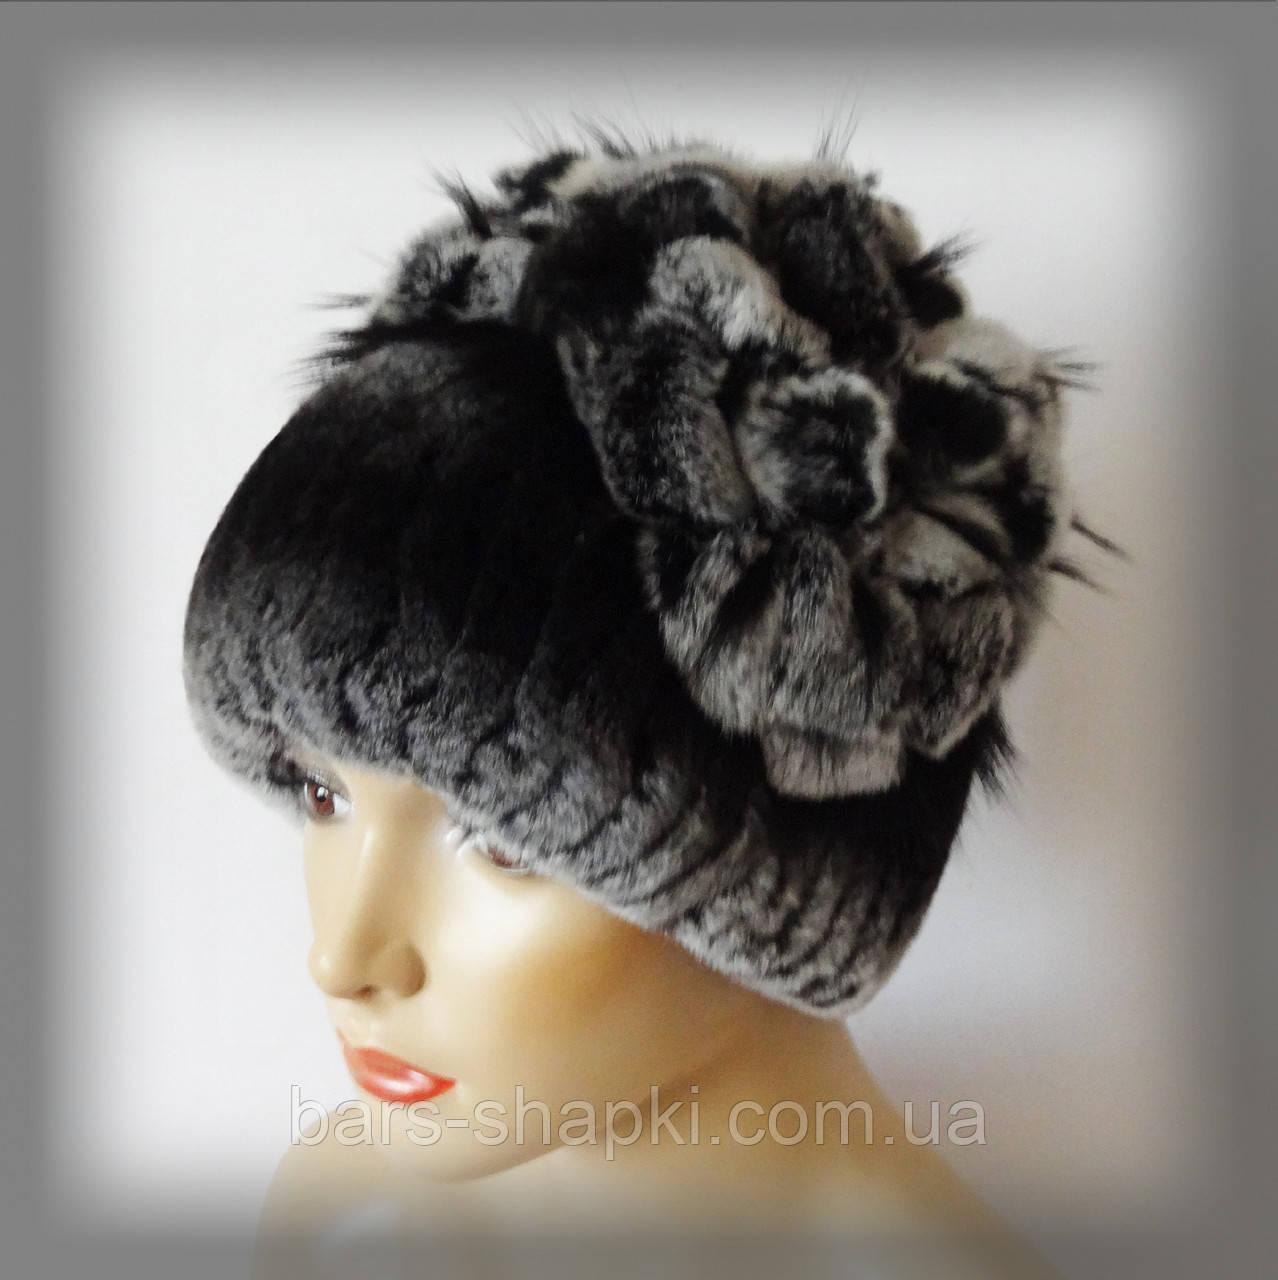 Меховая шапка из Rex Rabbit, тёмно-серая (водопад)